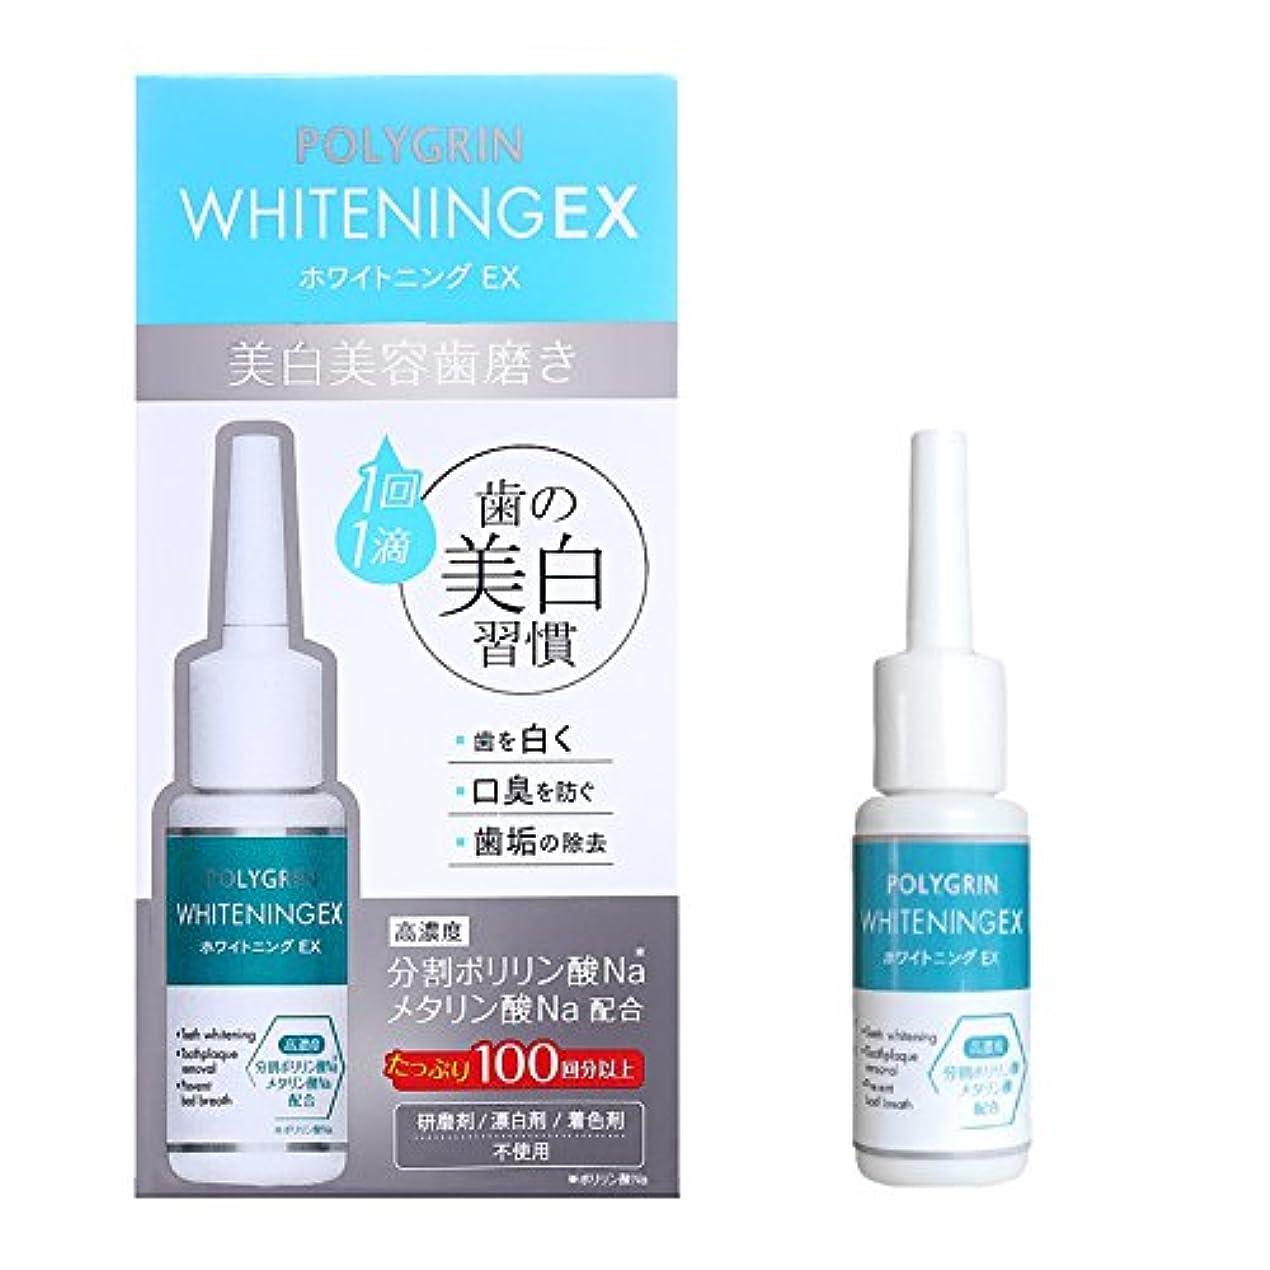 エールお願いします魅力的であることへのアピールポリグリン(POLYGRIN) ホワイトニングEX 10ml